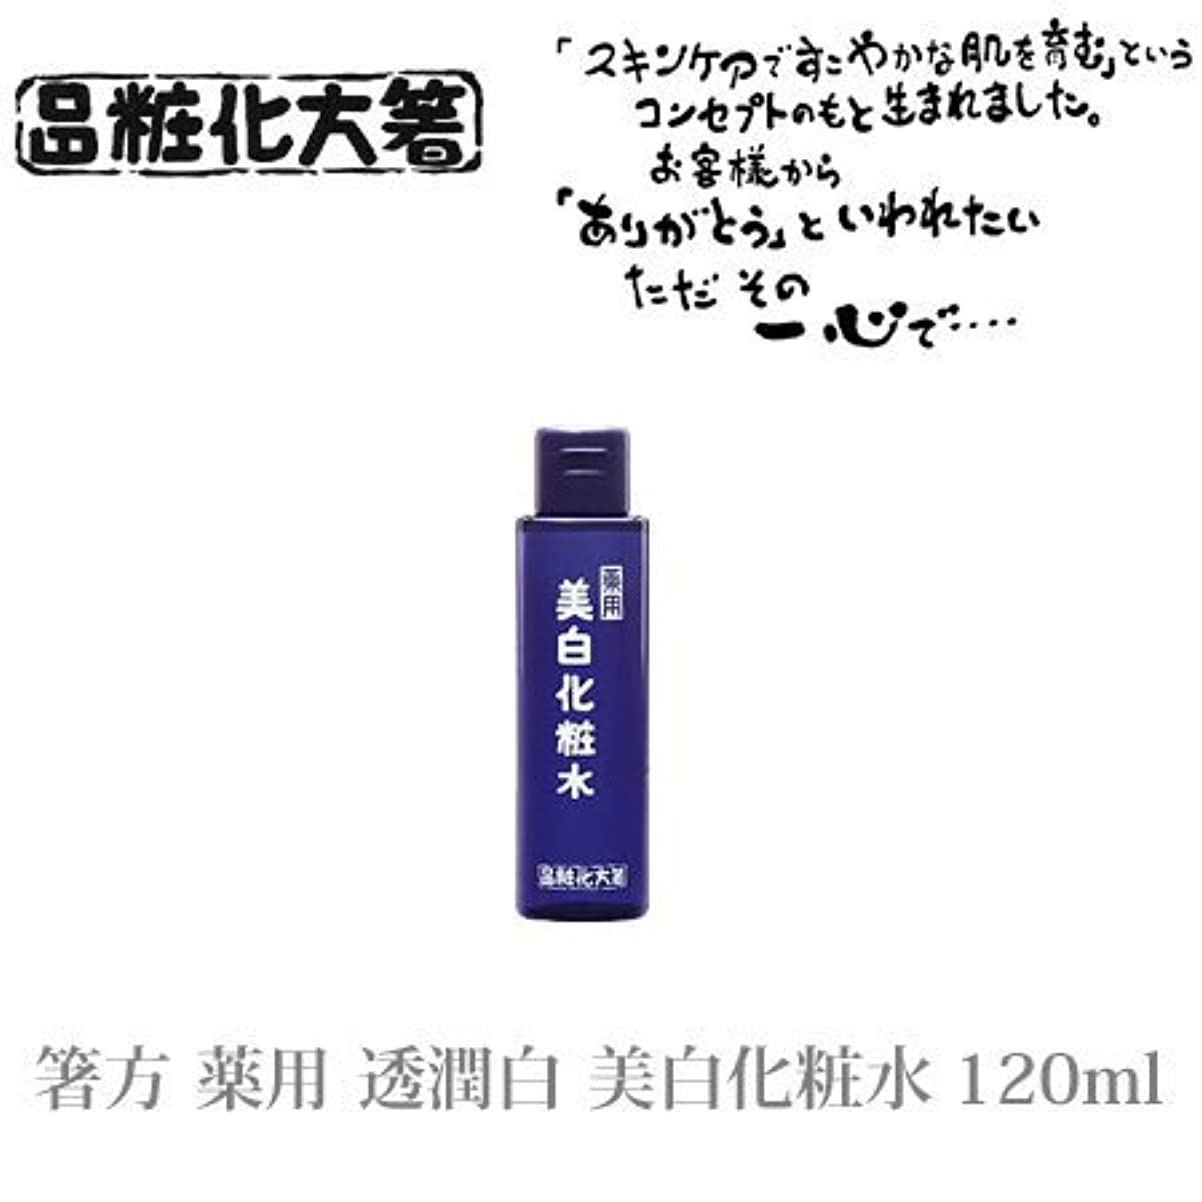 おもしろいネストデマンド箸方化粧品 薬用 透潤白 美白化粧水 120ml はしかた化粧品